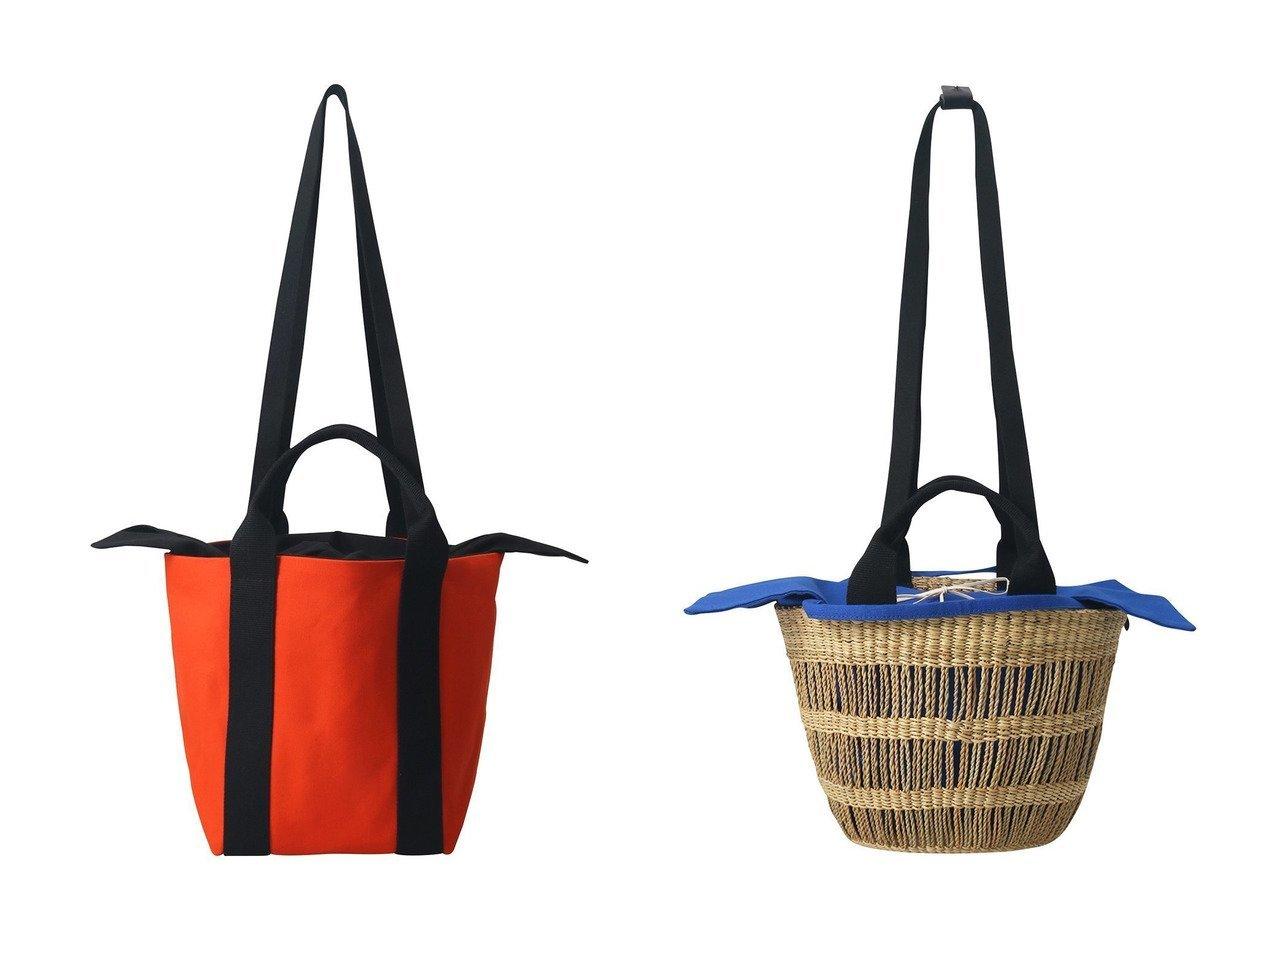 【PLAIN PEOPLE/プレインピープル】の【MUUN】2WAYかごバッグ&【MUUN】2WAYバッグ 【バッグ・鞄】おすすめ!人気、トレンド・レディースファッションの通販 おすすめで人気の流行・トレンド、ファッションの通販商品 メンズファッション・キッズファッション・インテリア・家具・レディースファッション・服の通販 founy(ファニー) https://founy.com/ ファッション Fashion レディースファッション WOMEN バッグ Bag オレンジ キャンバス ショルダー S/S・春夏 SS・Spring/Summer コンビ 春 Spring  ID:crp329100000032407